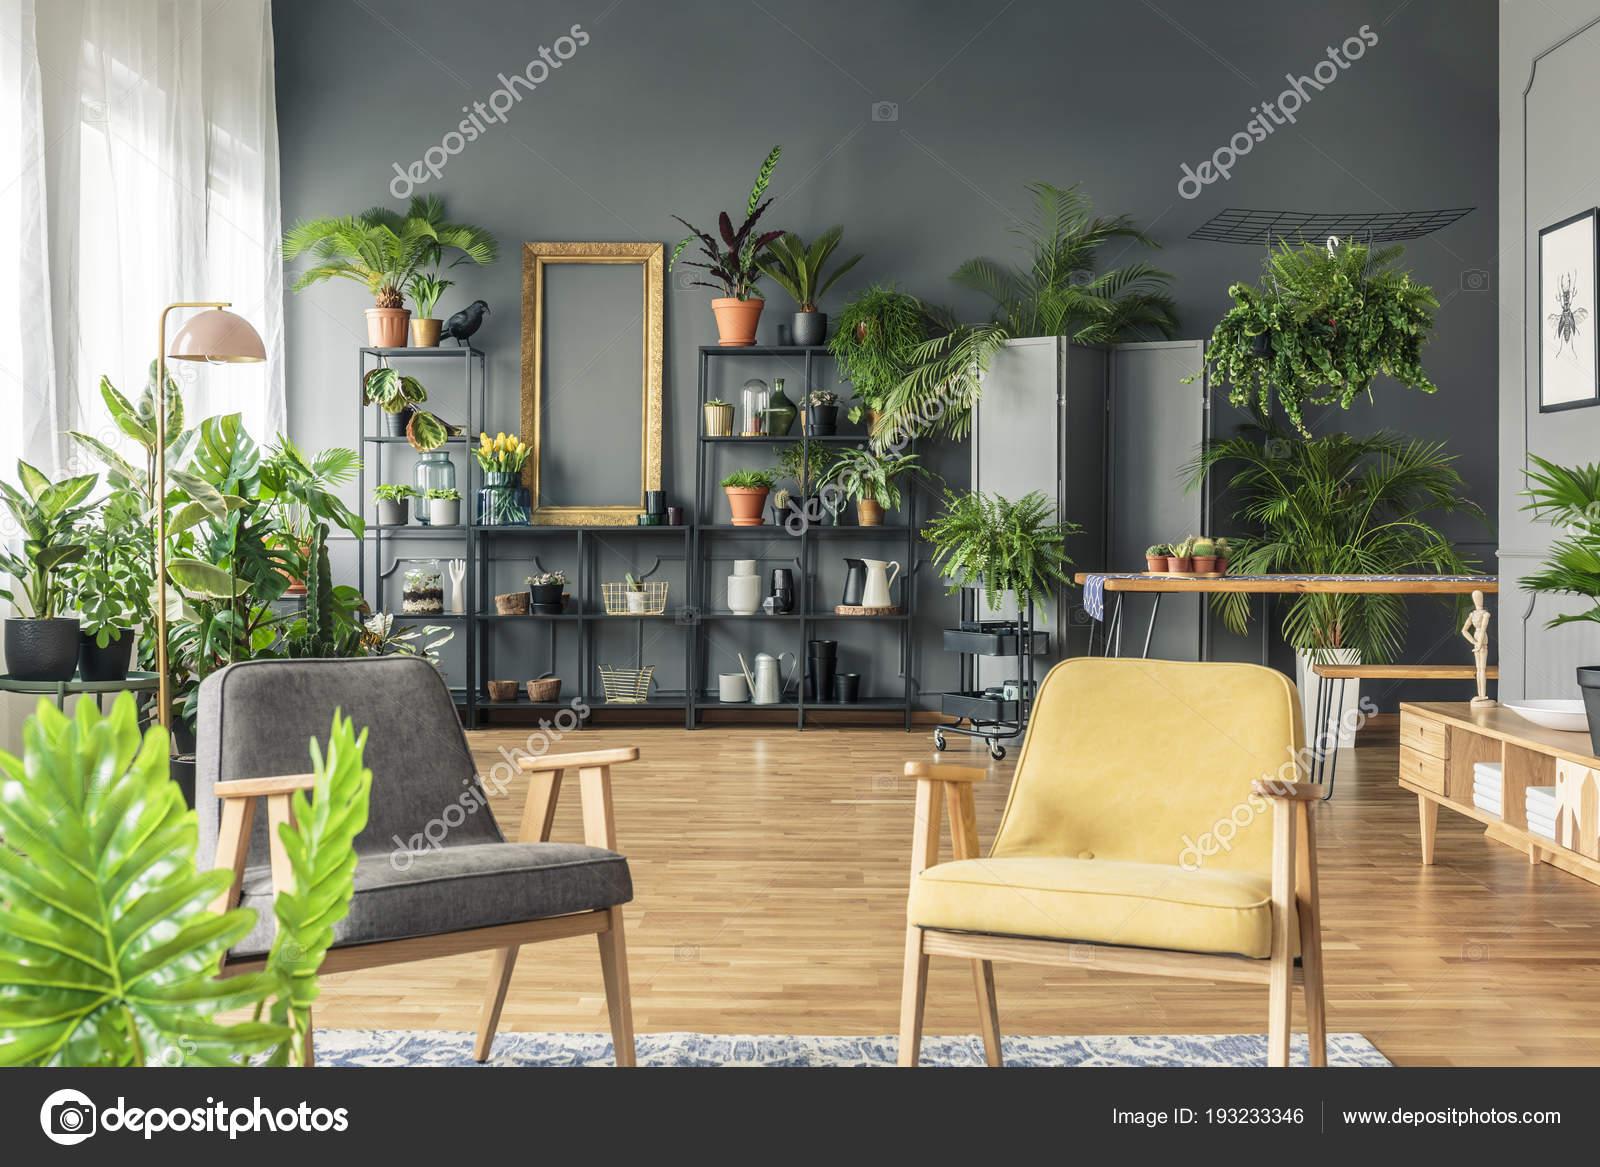 Grau Und Gelb Sessel Im Wohnzimmer Interieur Mit Pflanzen Auf Metallständer  Gegen Schwarze Wand U2014 Foto Von Photographee.eu